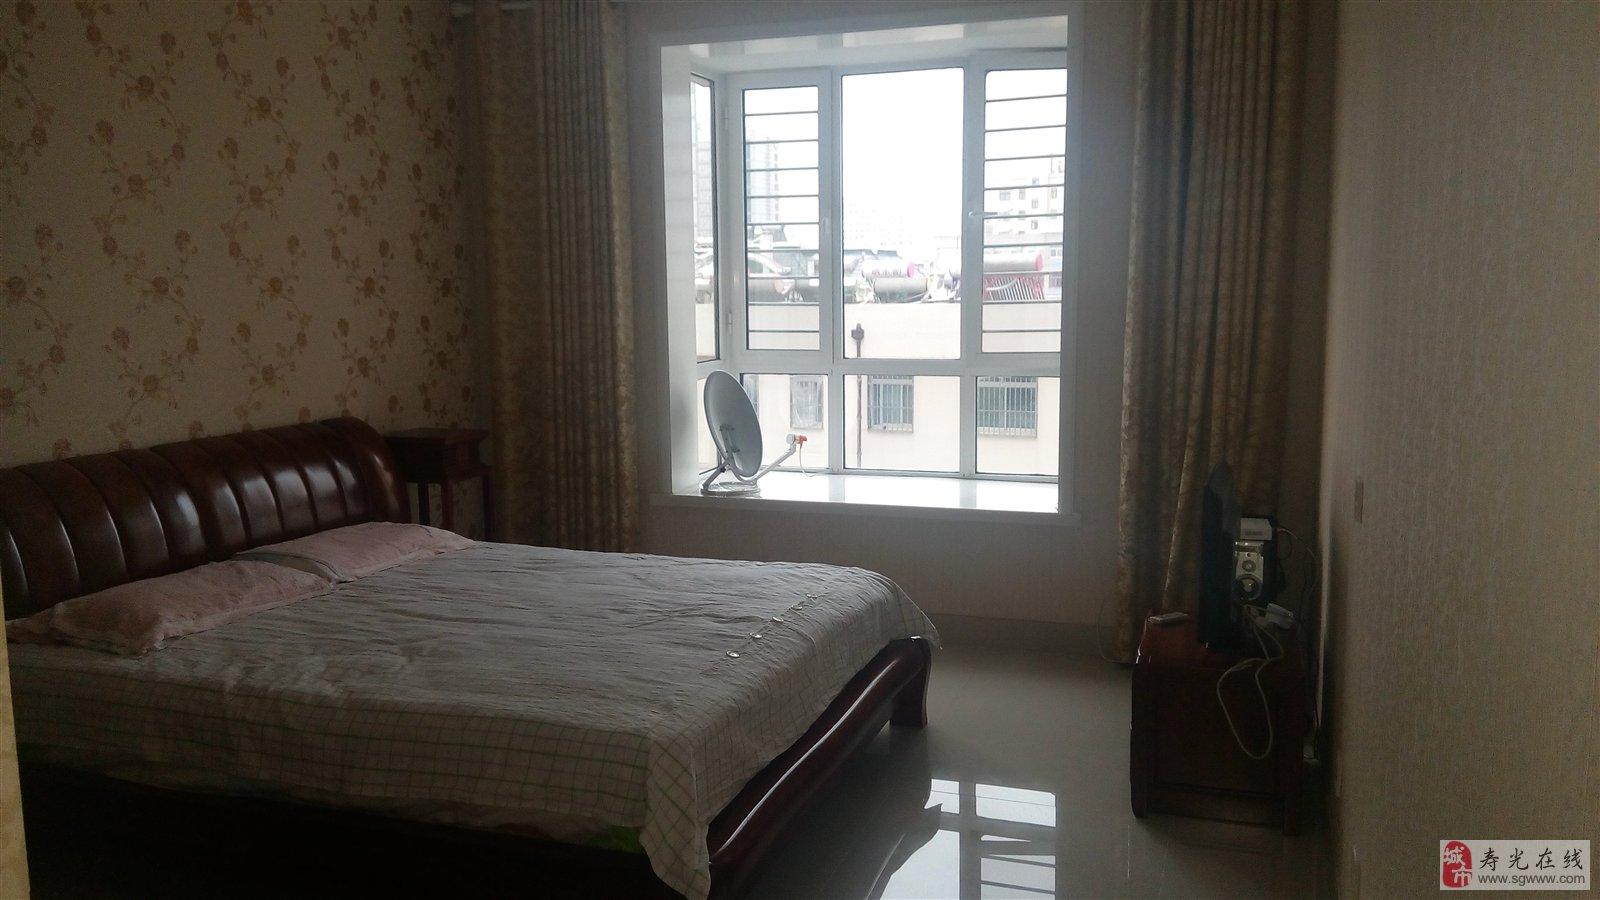 背景墙 房间 家居 酒店 设计 卧室 卧室装修 现代 装修 1600_900